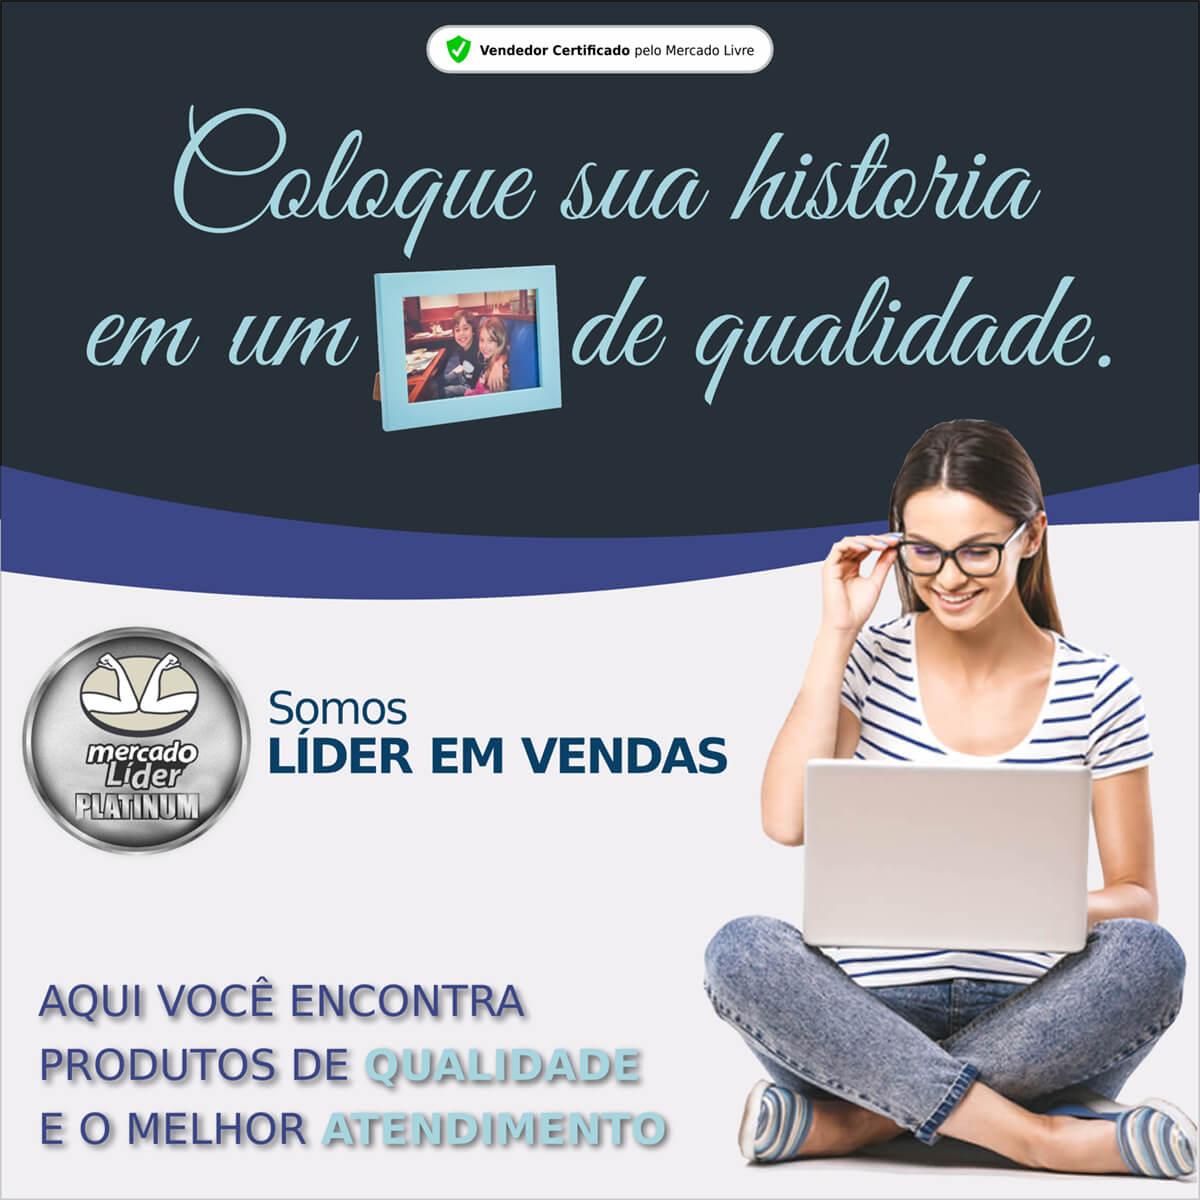 PORTA RETRATO 10X15 VARiAS CORES MADEIRA DE REFLORESTAMENTE E VIDRO PARA PAREDE OU MESA